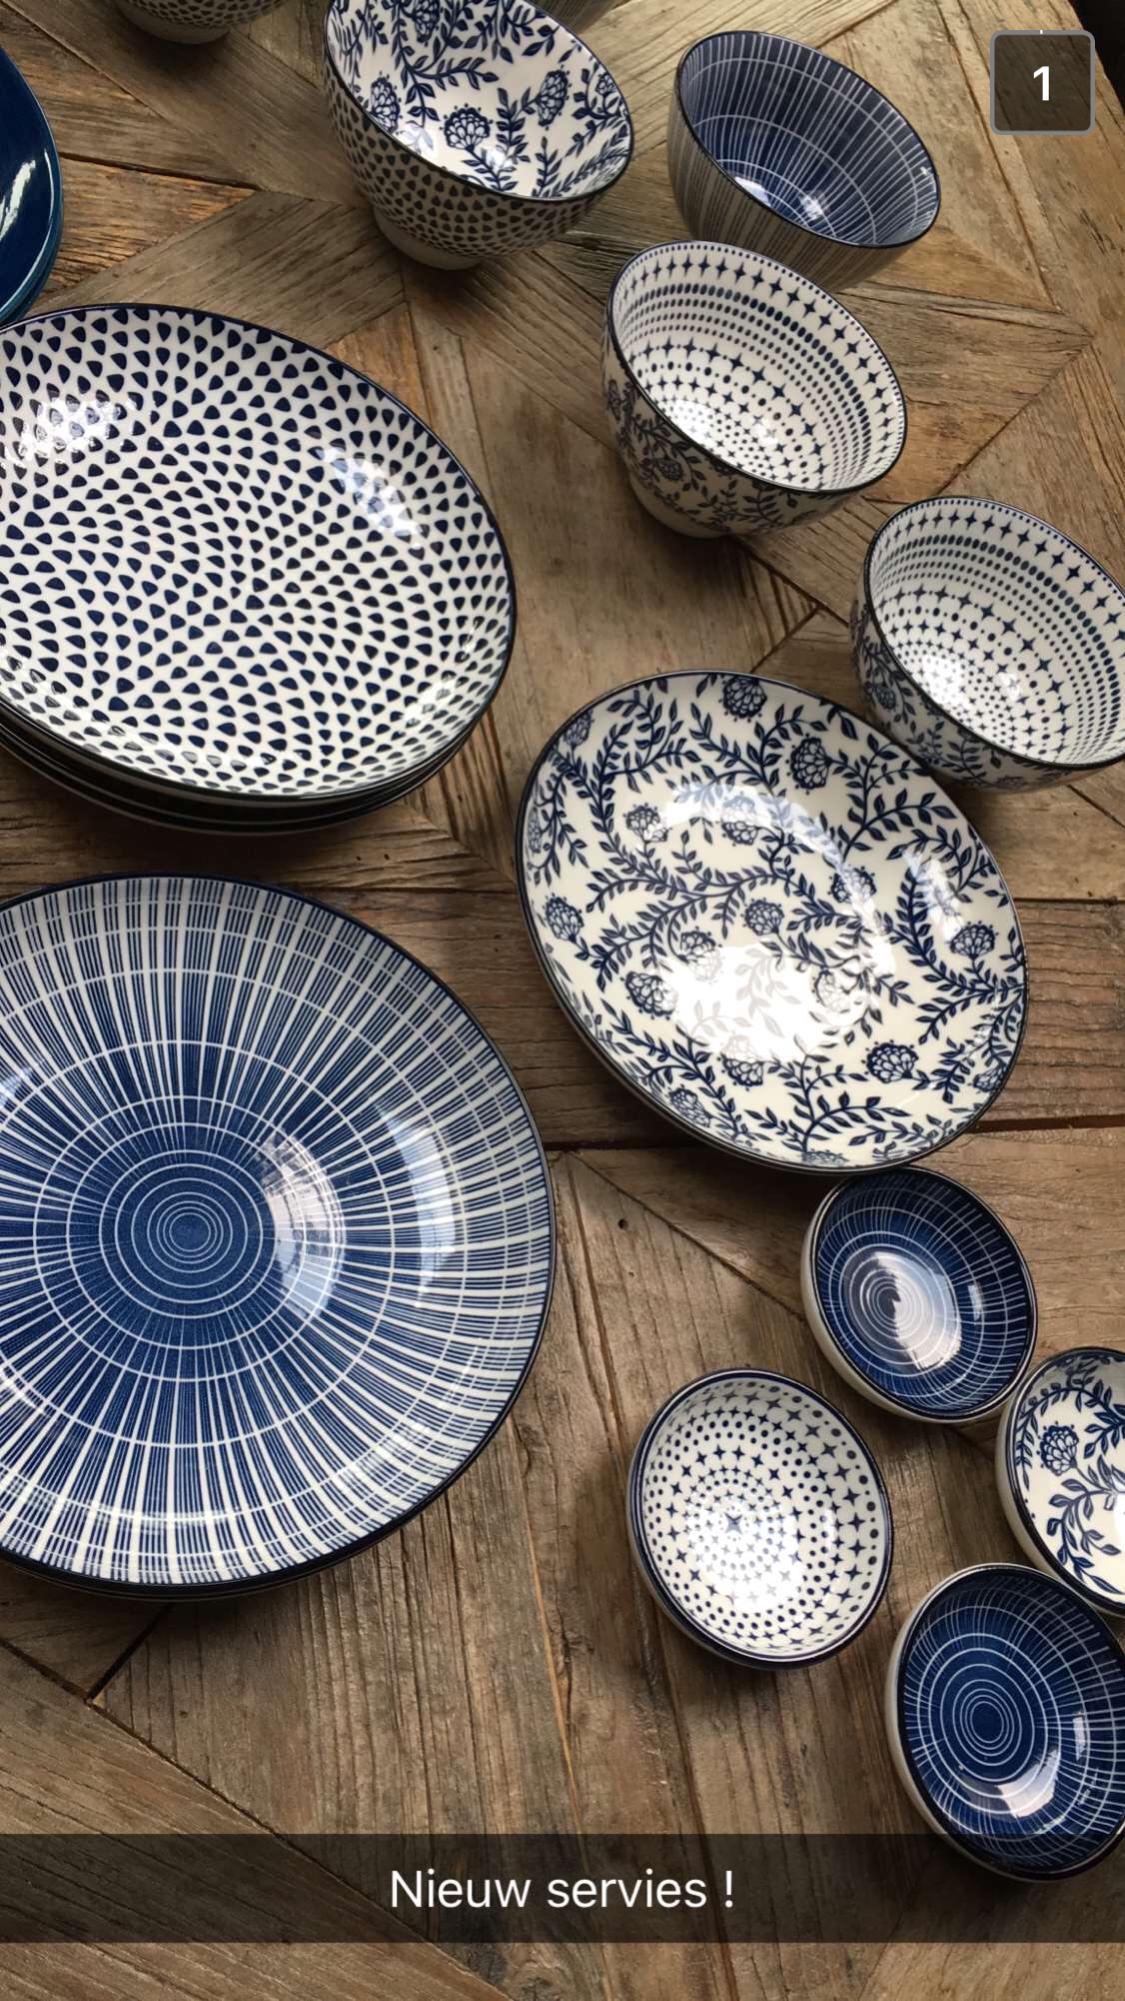 Hand Made Name Plate Design House In 2020 Blaues Geschirr Keramik Geschirr Porzellan Geschirr